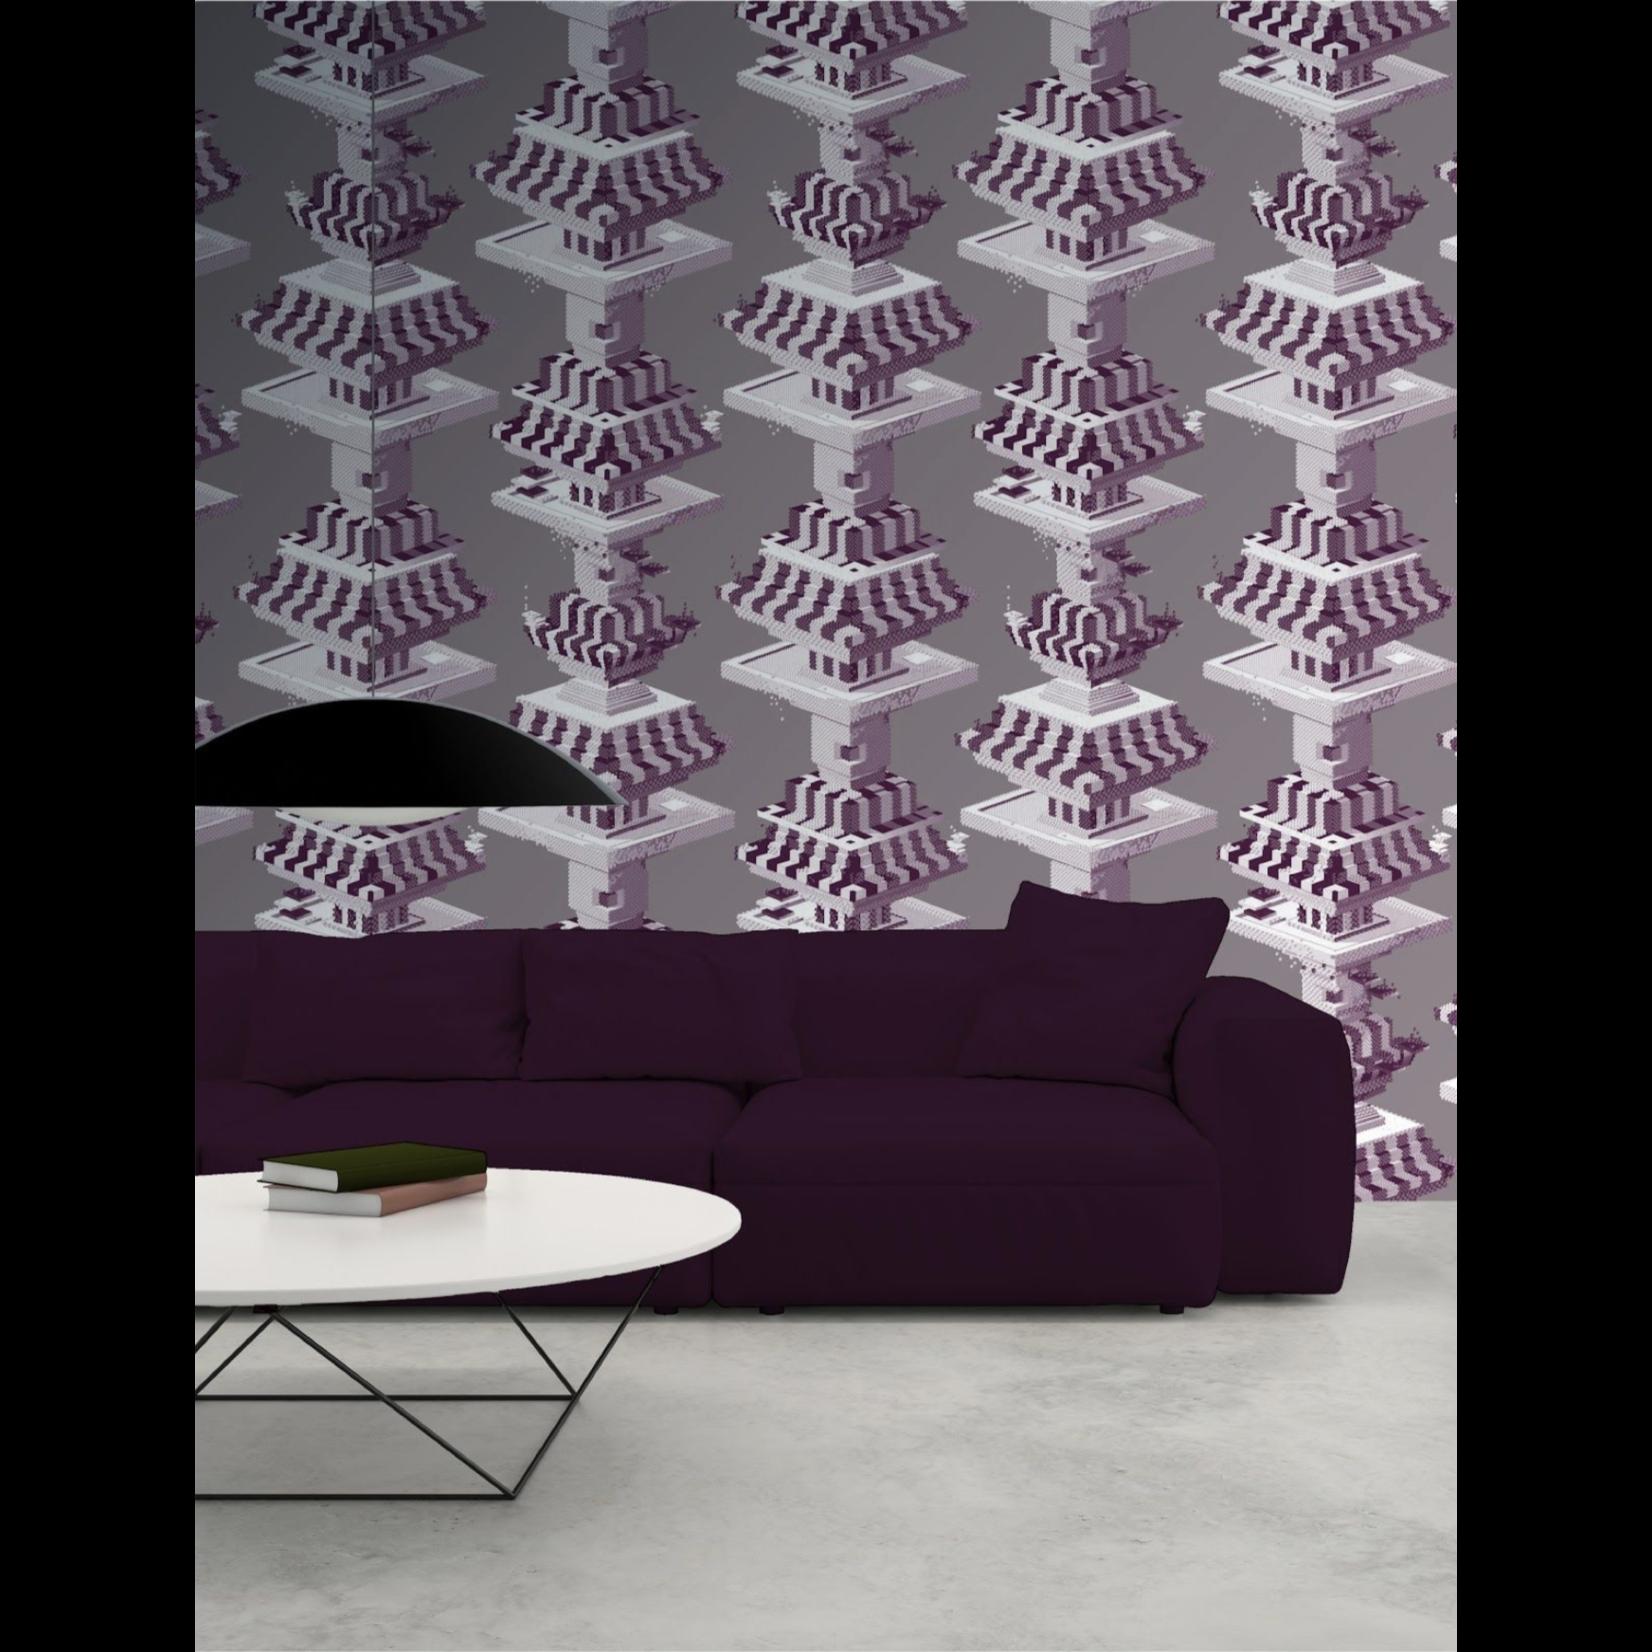 Kit Miles Black Lodge   Purple